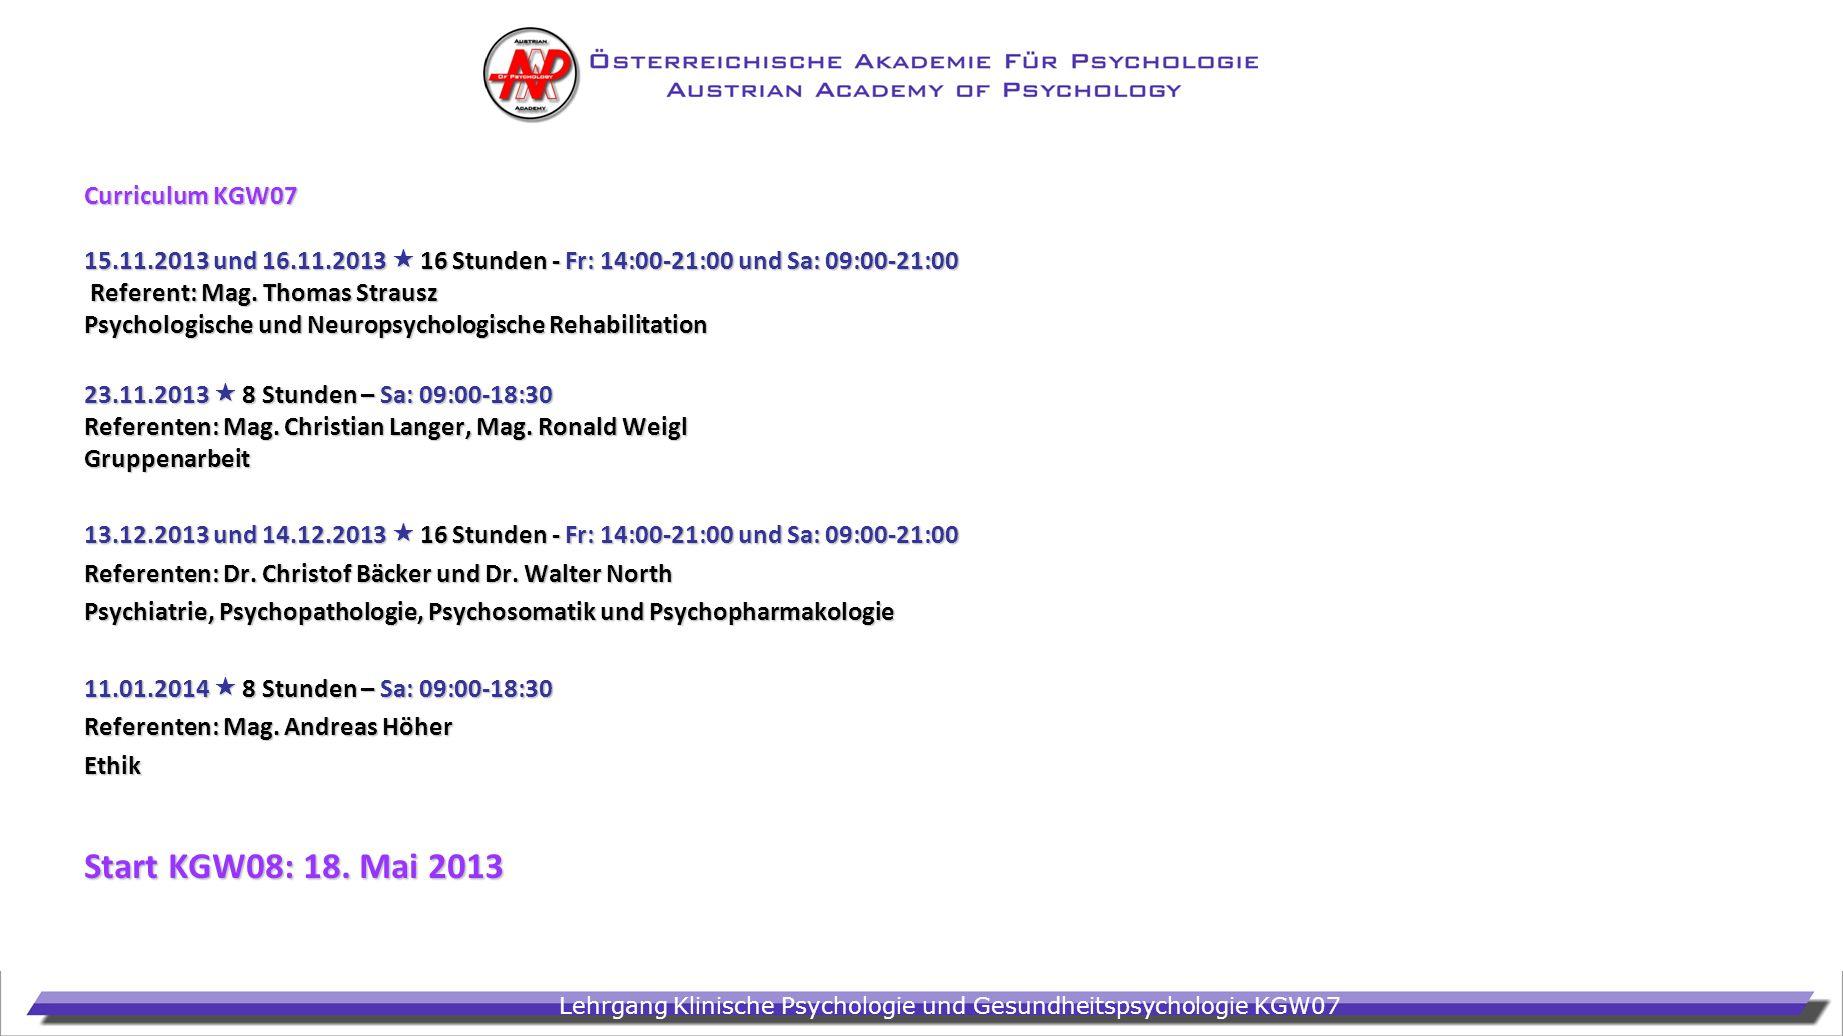 Lehrgang Klinische Psychologie und Gesundheitspsychologie KGW07 Curriculum KGW07 15.11.2013 und 16.11.2013 16 Stunden - Fr: 14:00-21:00 und Sa: 09:00-